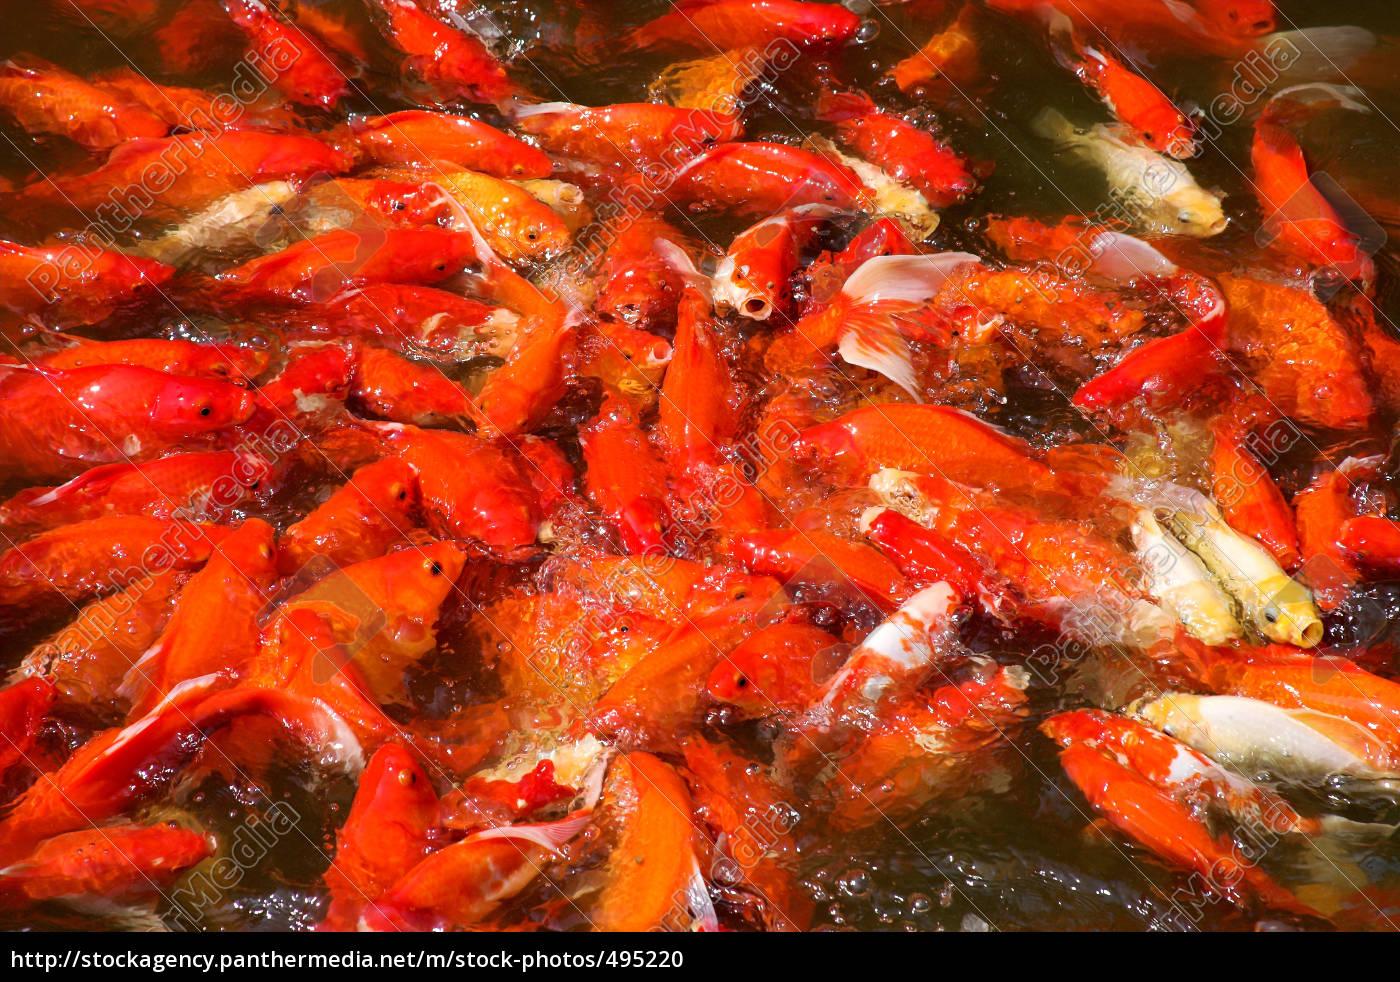 dogfish - 495220